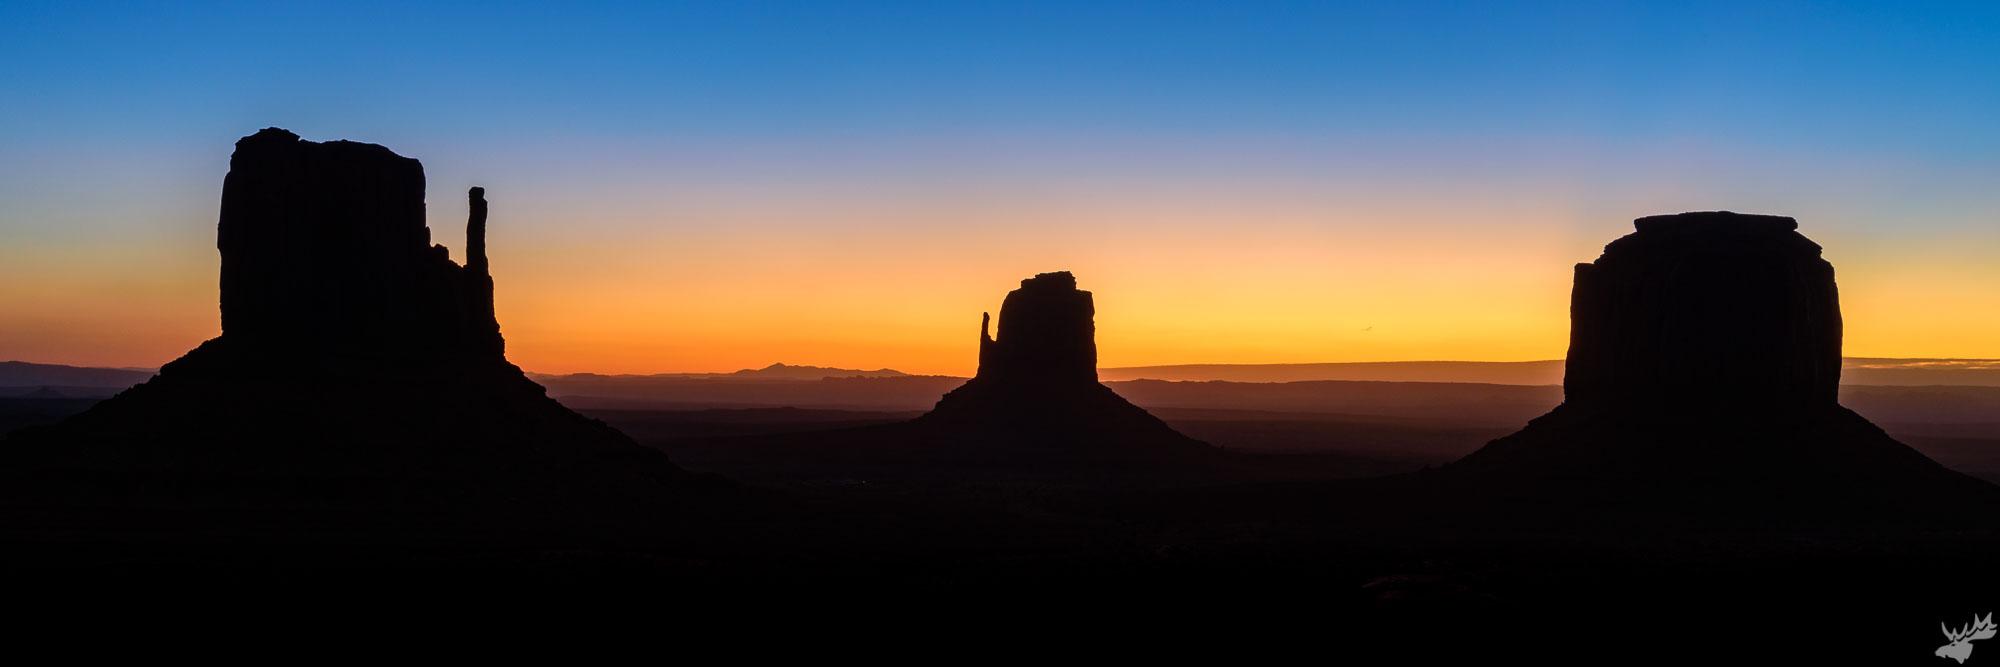 desert, sunrise, winter